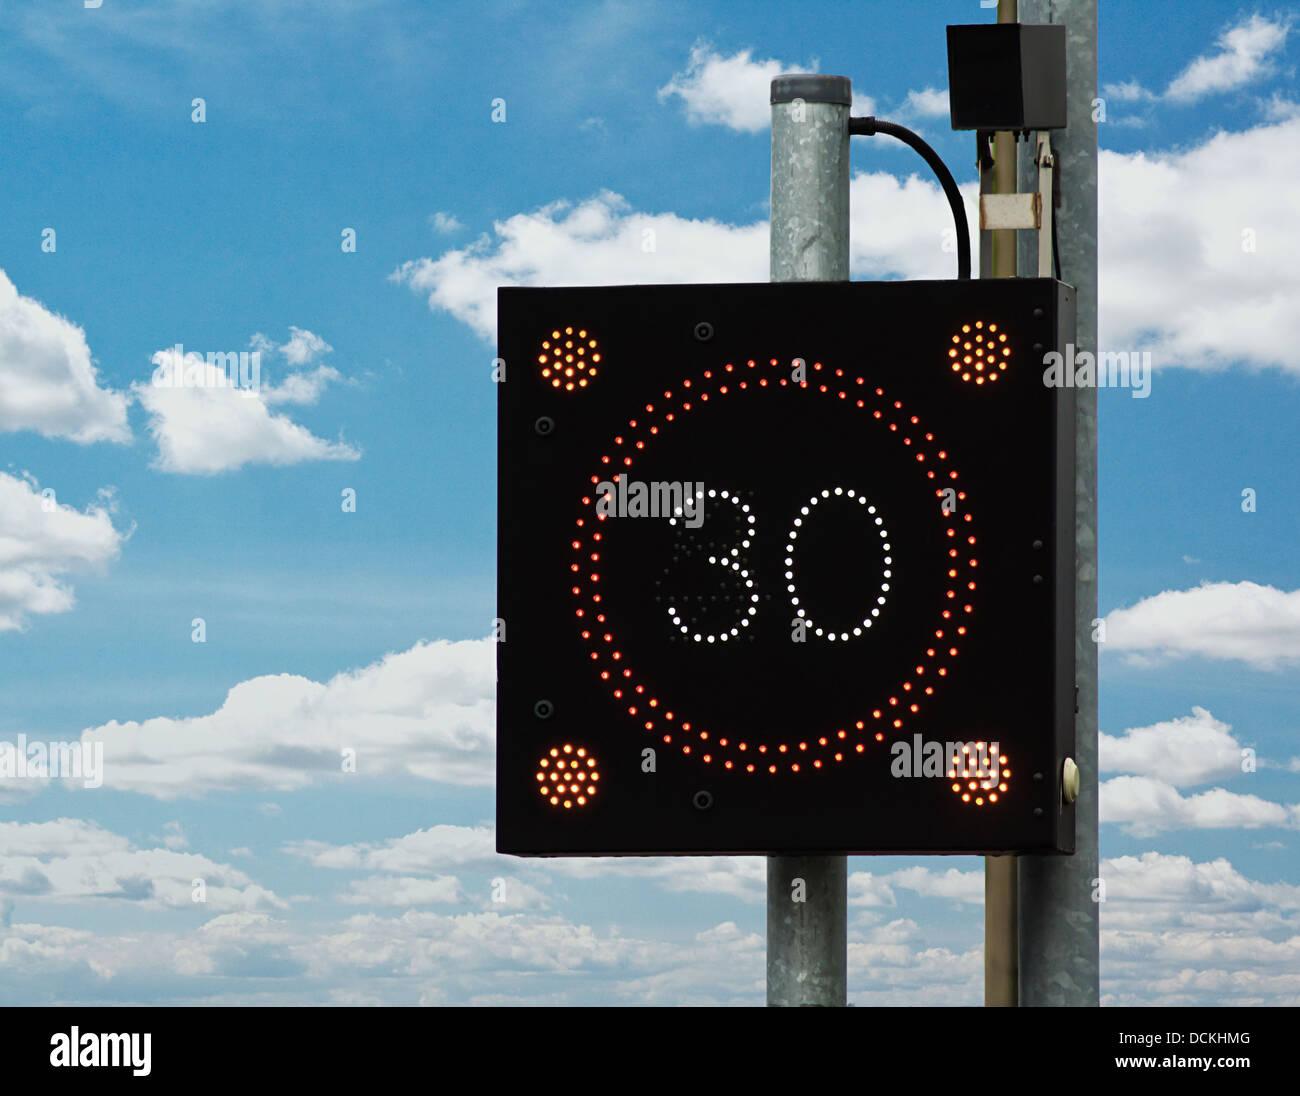 Traffic calming signal flashing 30 - Stock Image